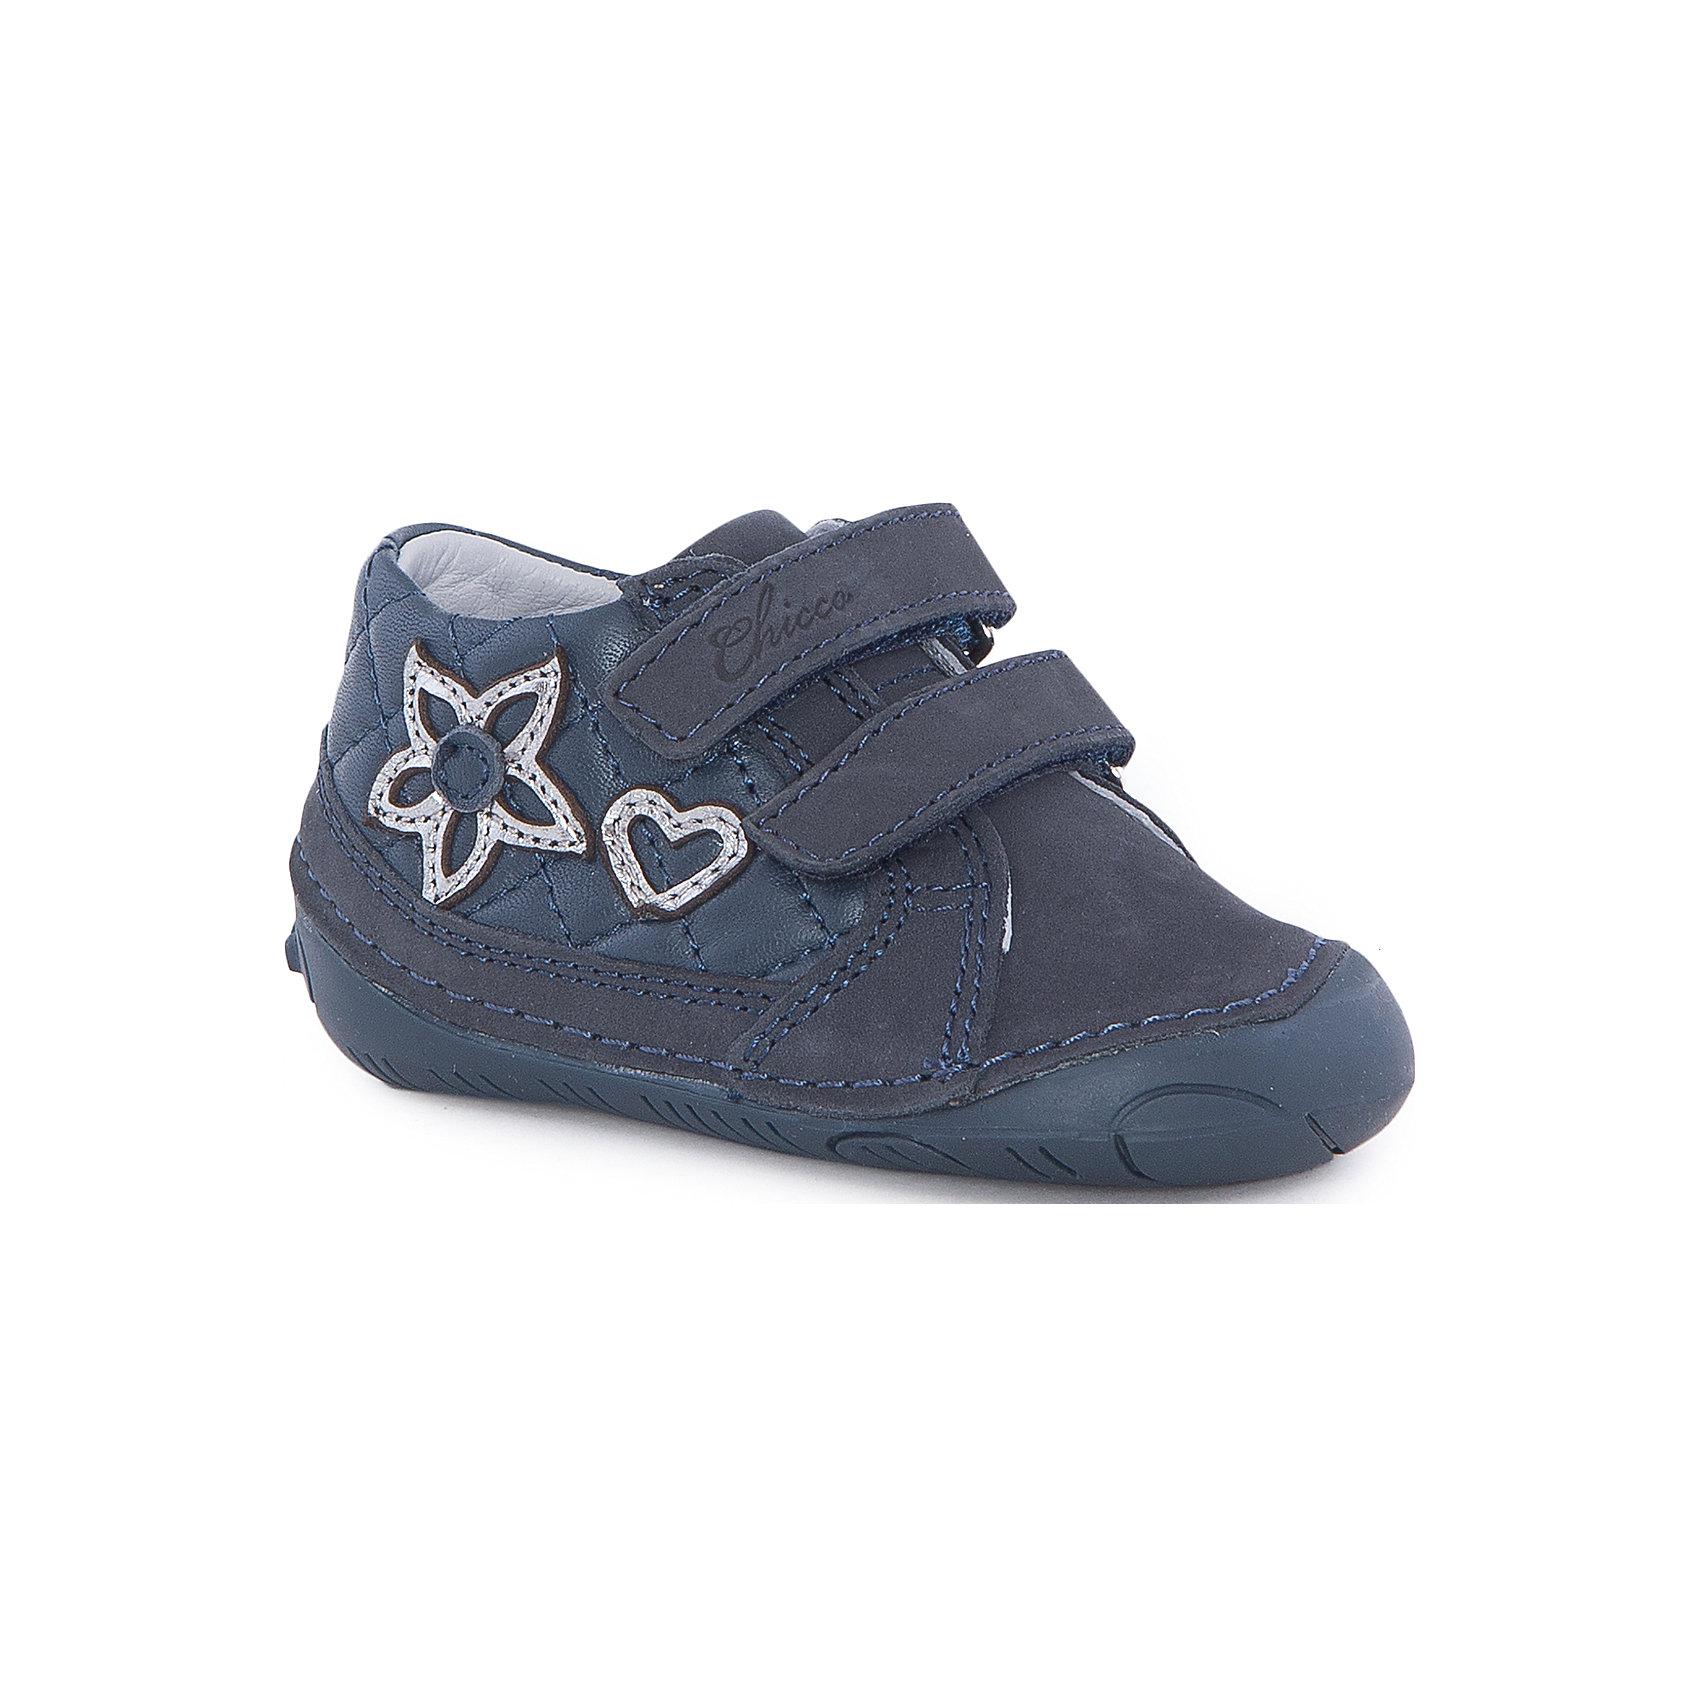 Полуботинки  для девочки  CHICCOБотинки<br>Полуботинки для девочки CHICCO<br><br>Характеристики:<br><br>Тип застежки: липучки, 2 шт.<br>Тип обуви: спортивные<br>Особенности обуви: усиленный носок<br>Декоративные элементы: стеганые квадраты; добавочные элементы, сердце и цветок<br>Цвет: синий<br><br>Материал: 100% кожа<br><br>Полуботинки для девочки CHICCO можно купить в нашем интернет-магазине.<br><br>Ширина мм: 262<br>Глубина мм: 176<br>Высота мм: 97<br>Вес г: 427<br>Цвет: синий<br>Возраст от месяцев: 12<br>Возраст до месяцев: 15<br>Пол: Женский<br>Возраст: Детский<br>Размер: 21,19,20<br>SKU: 5082855